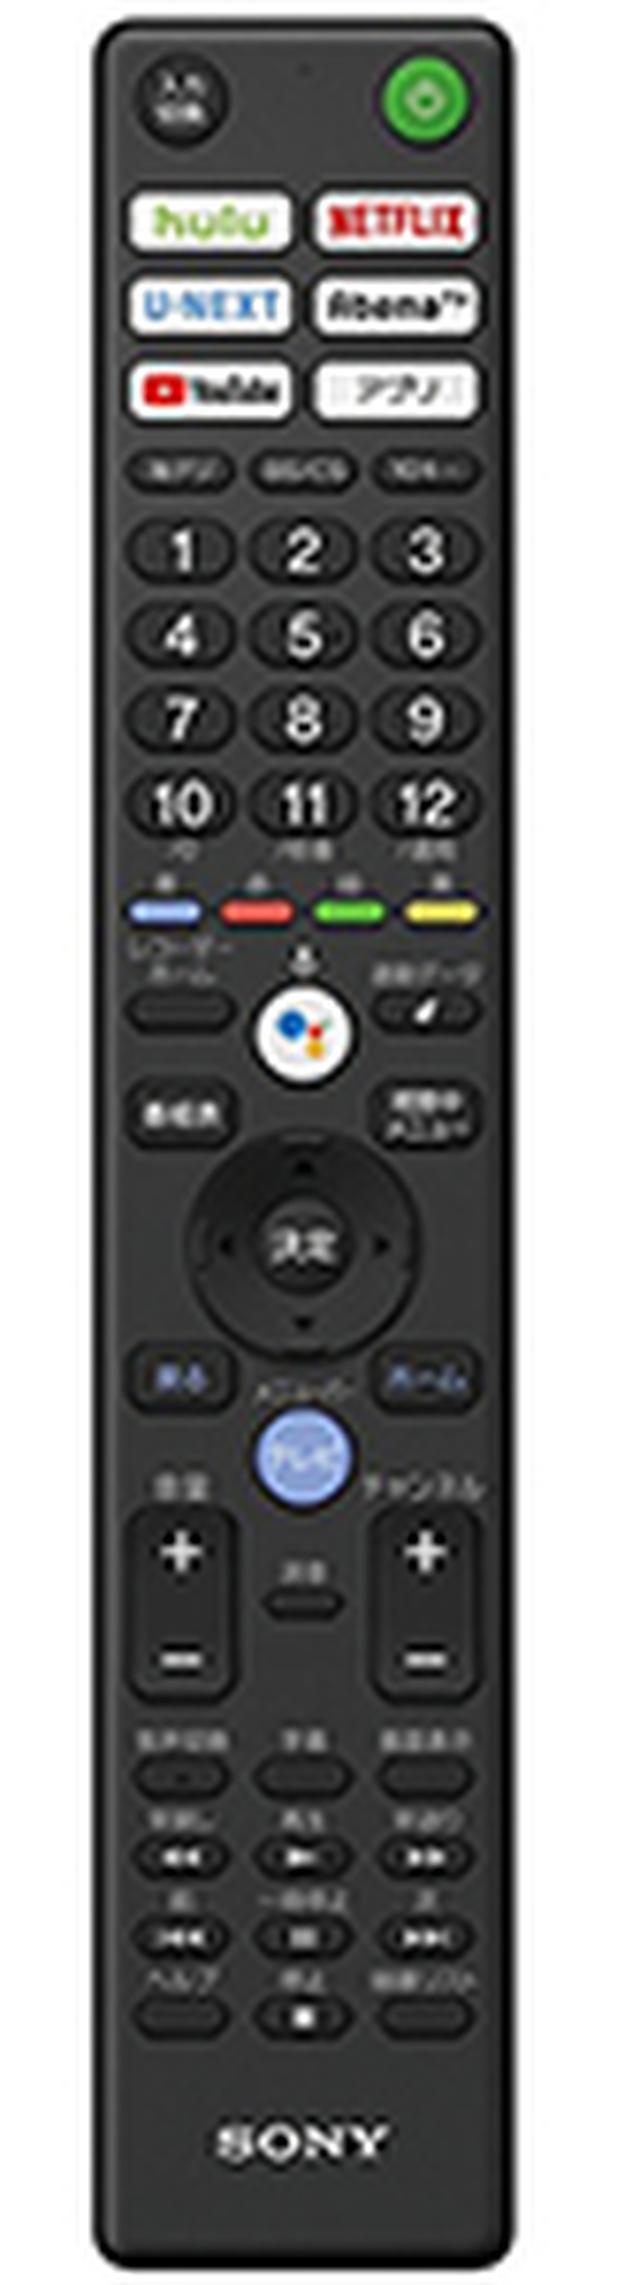 画像: A8FやZ9Fと同じリモコンで、中央に音声検索が可能な「Googleアシスタント」ボタンを配置している。